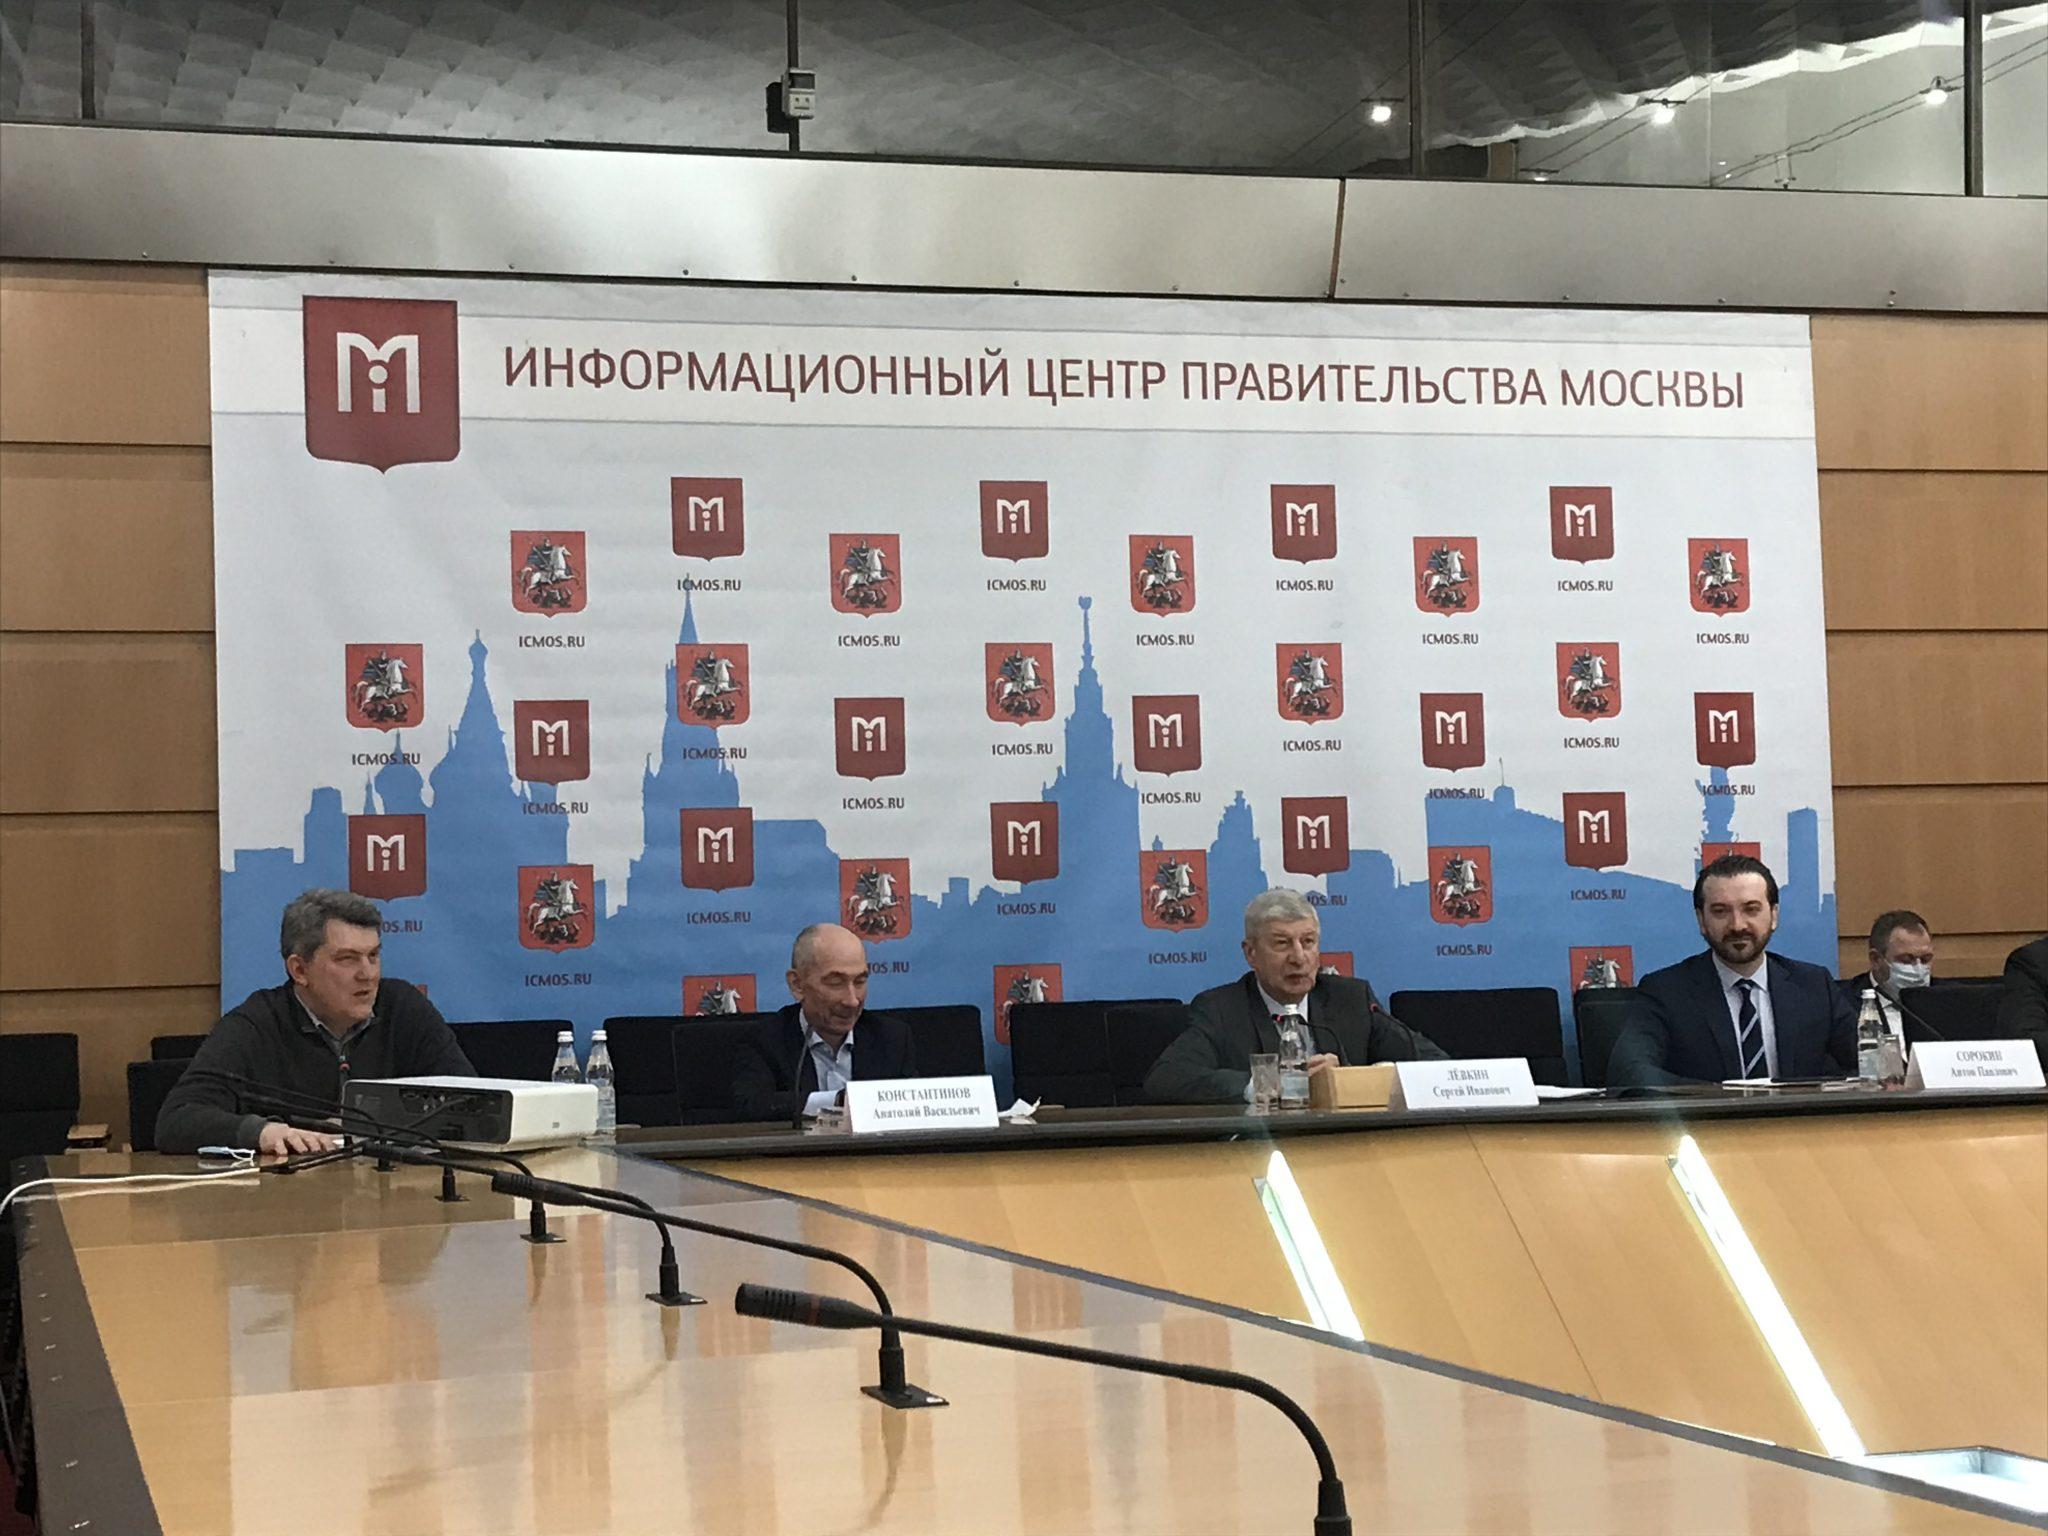 Этапы и сроки переселения по программе реновации обсудили на пресс-конференции в Информационном центре Правительства Москвы